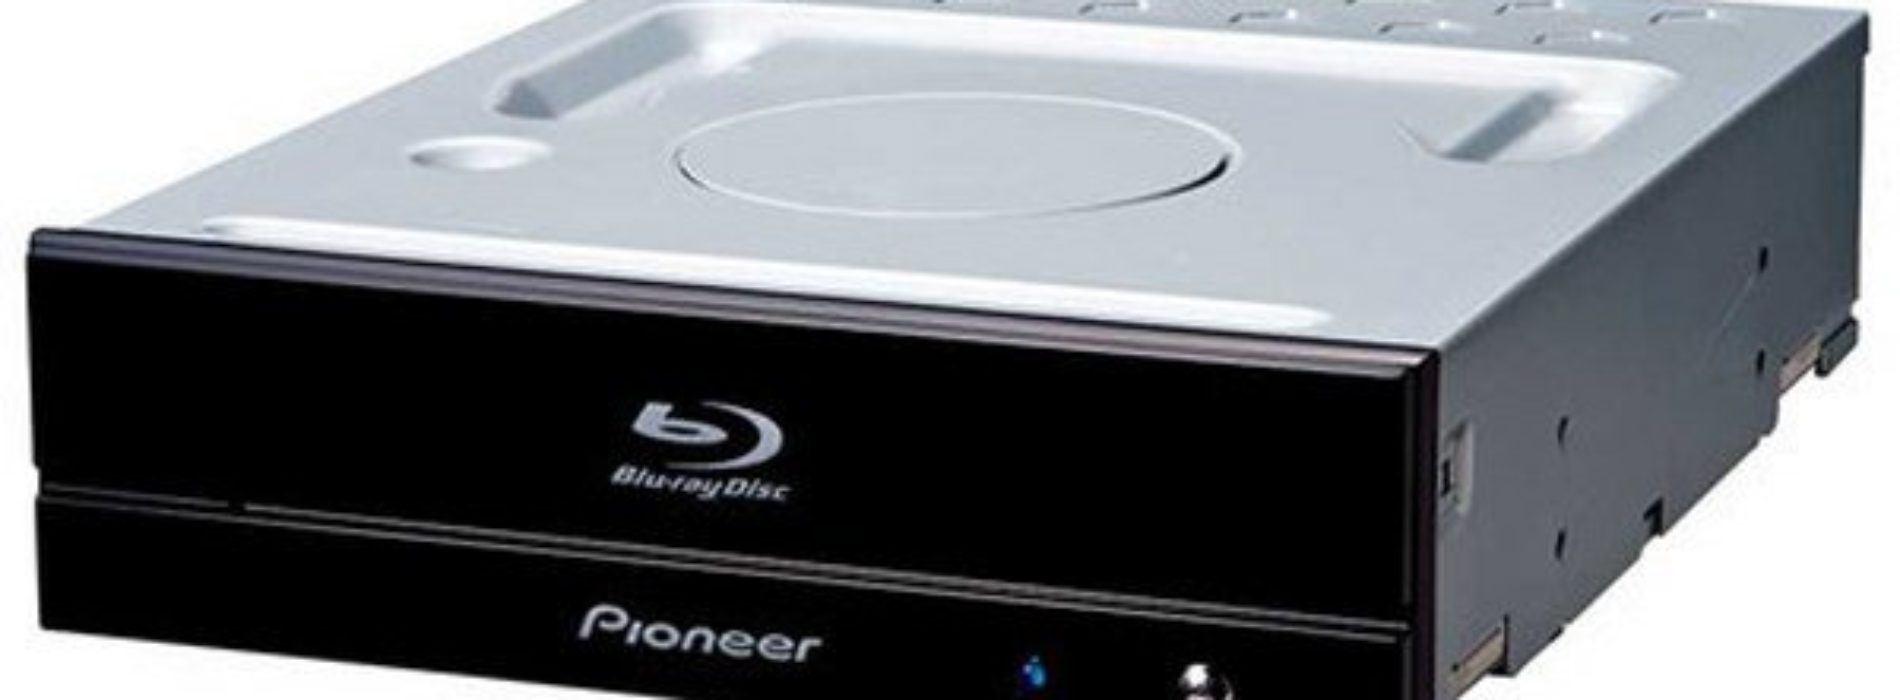 Estos son los primeros lectores Ultra HD Blu-ray para PC